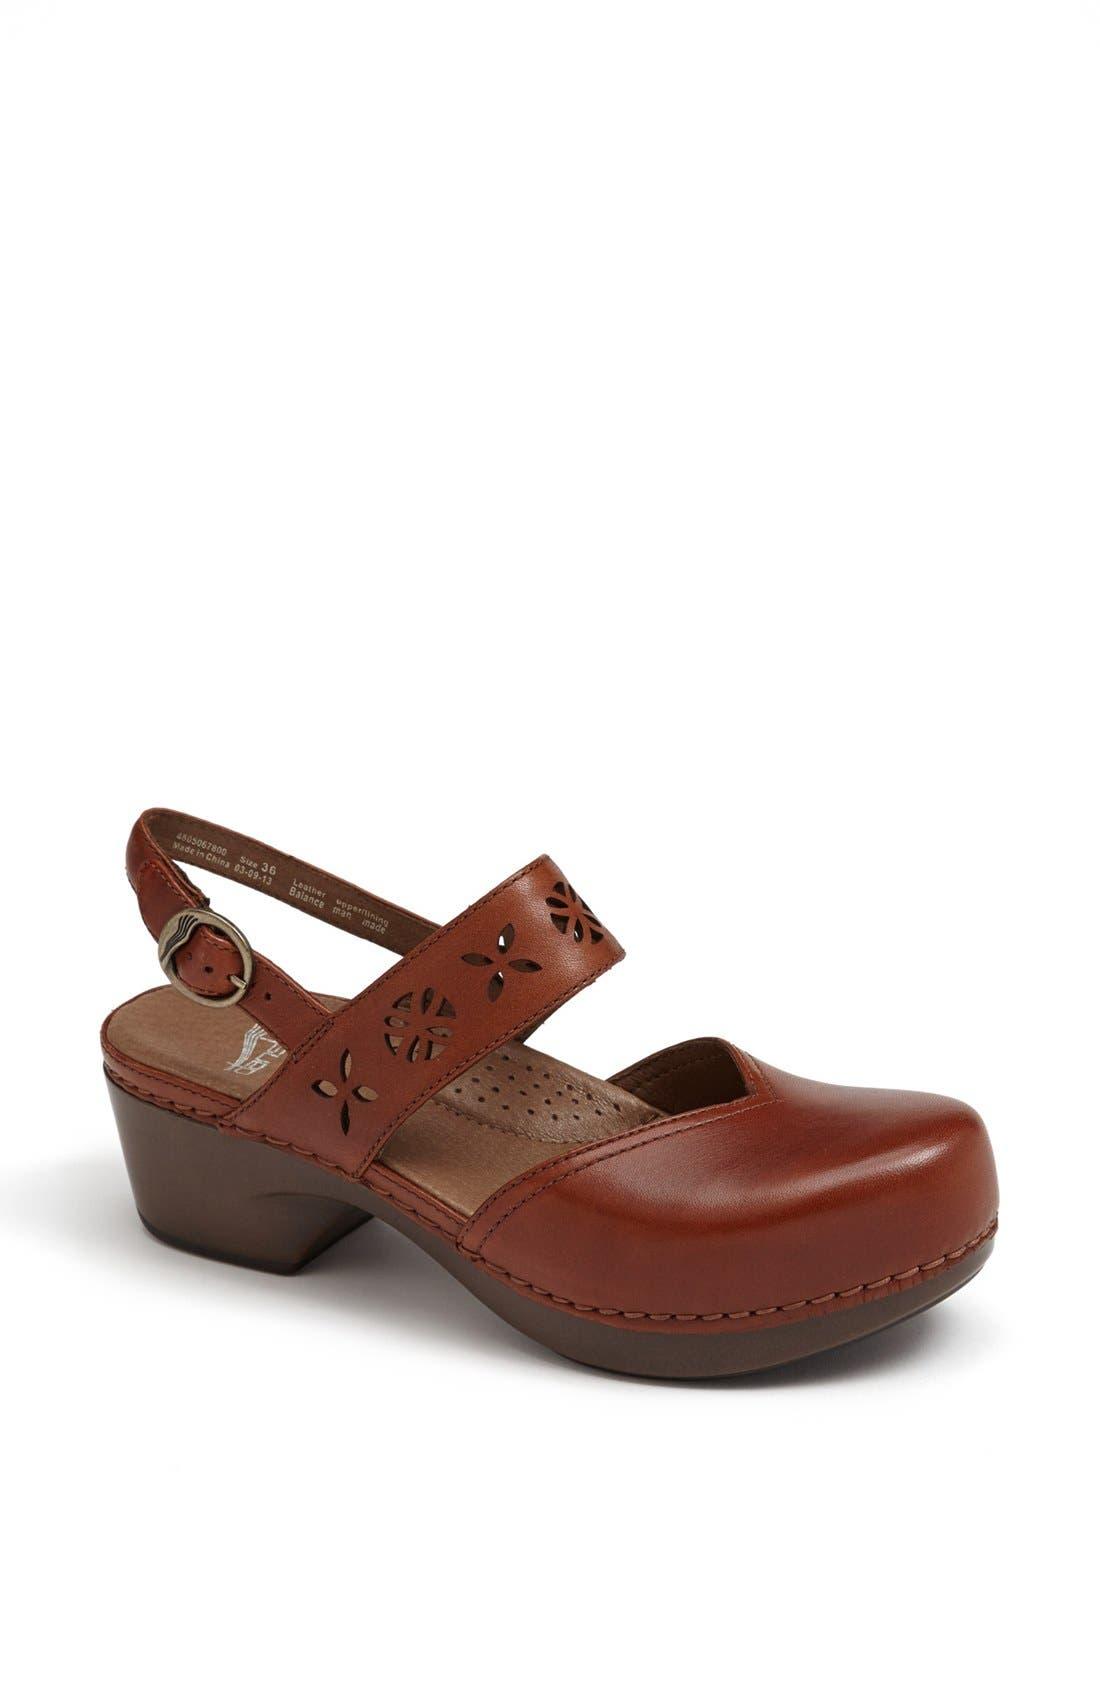 Alternate Image 1 Selected - Dansko 'Trista' Leather Clog